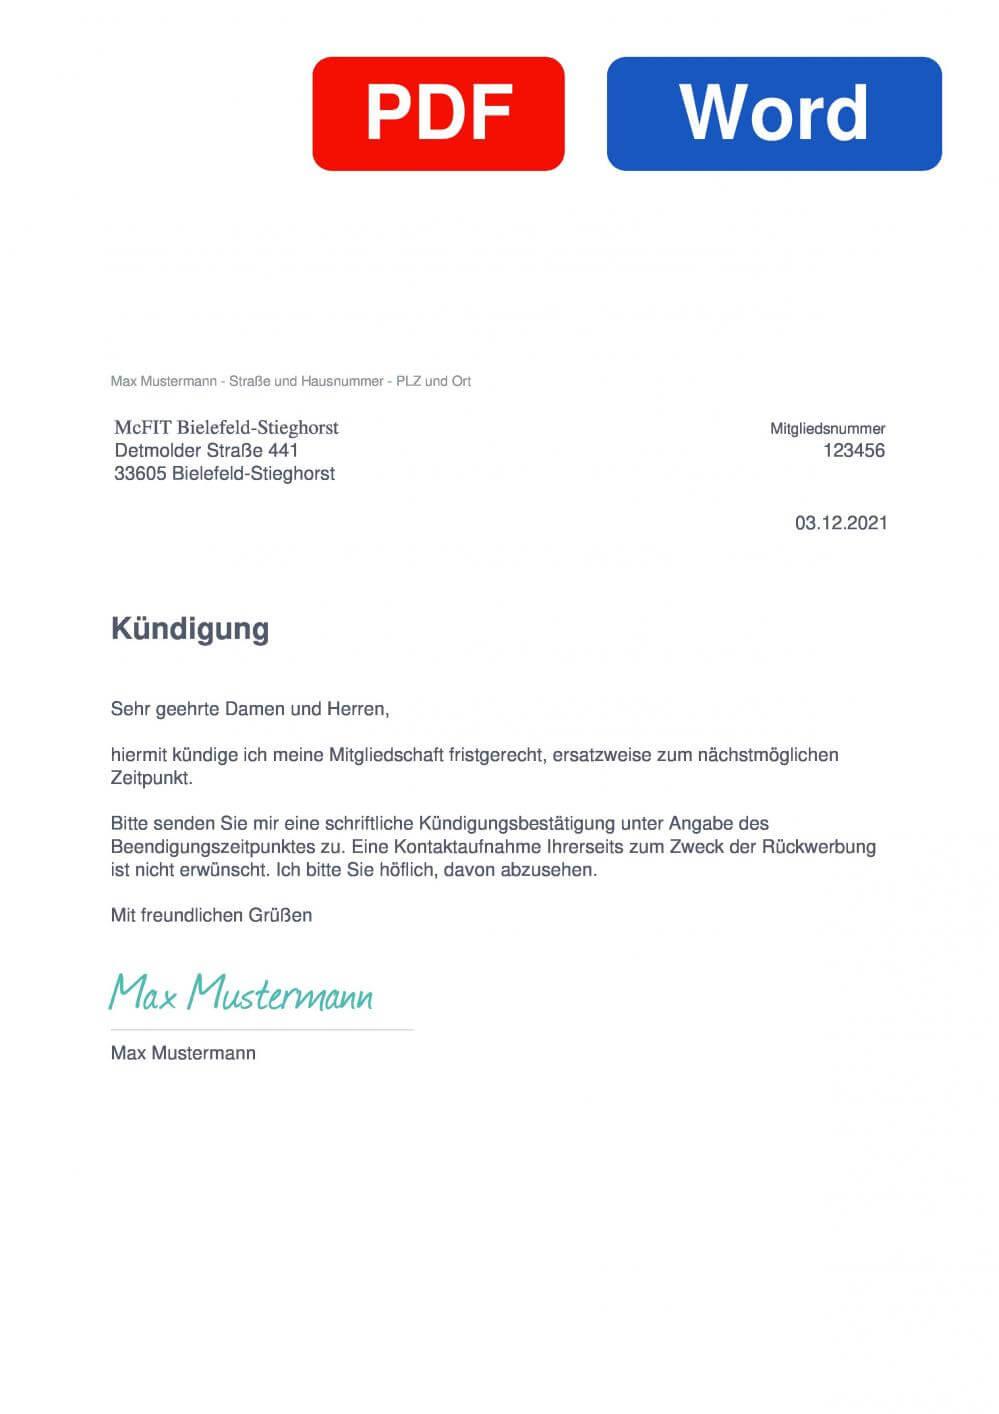 McFIT Bielefeld-Stieghorst Muster Vorlage für Kündigungsschreiben